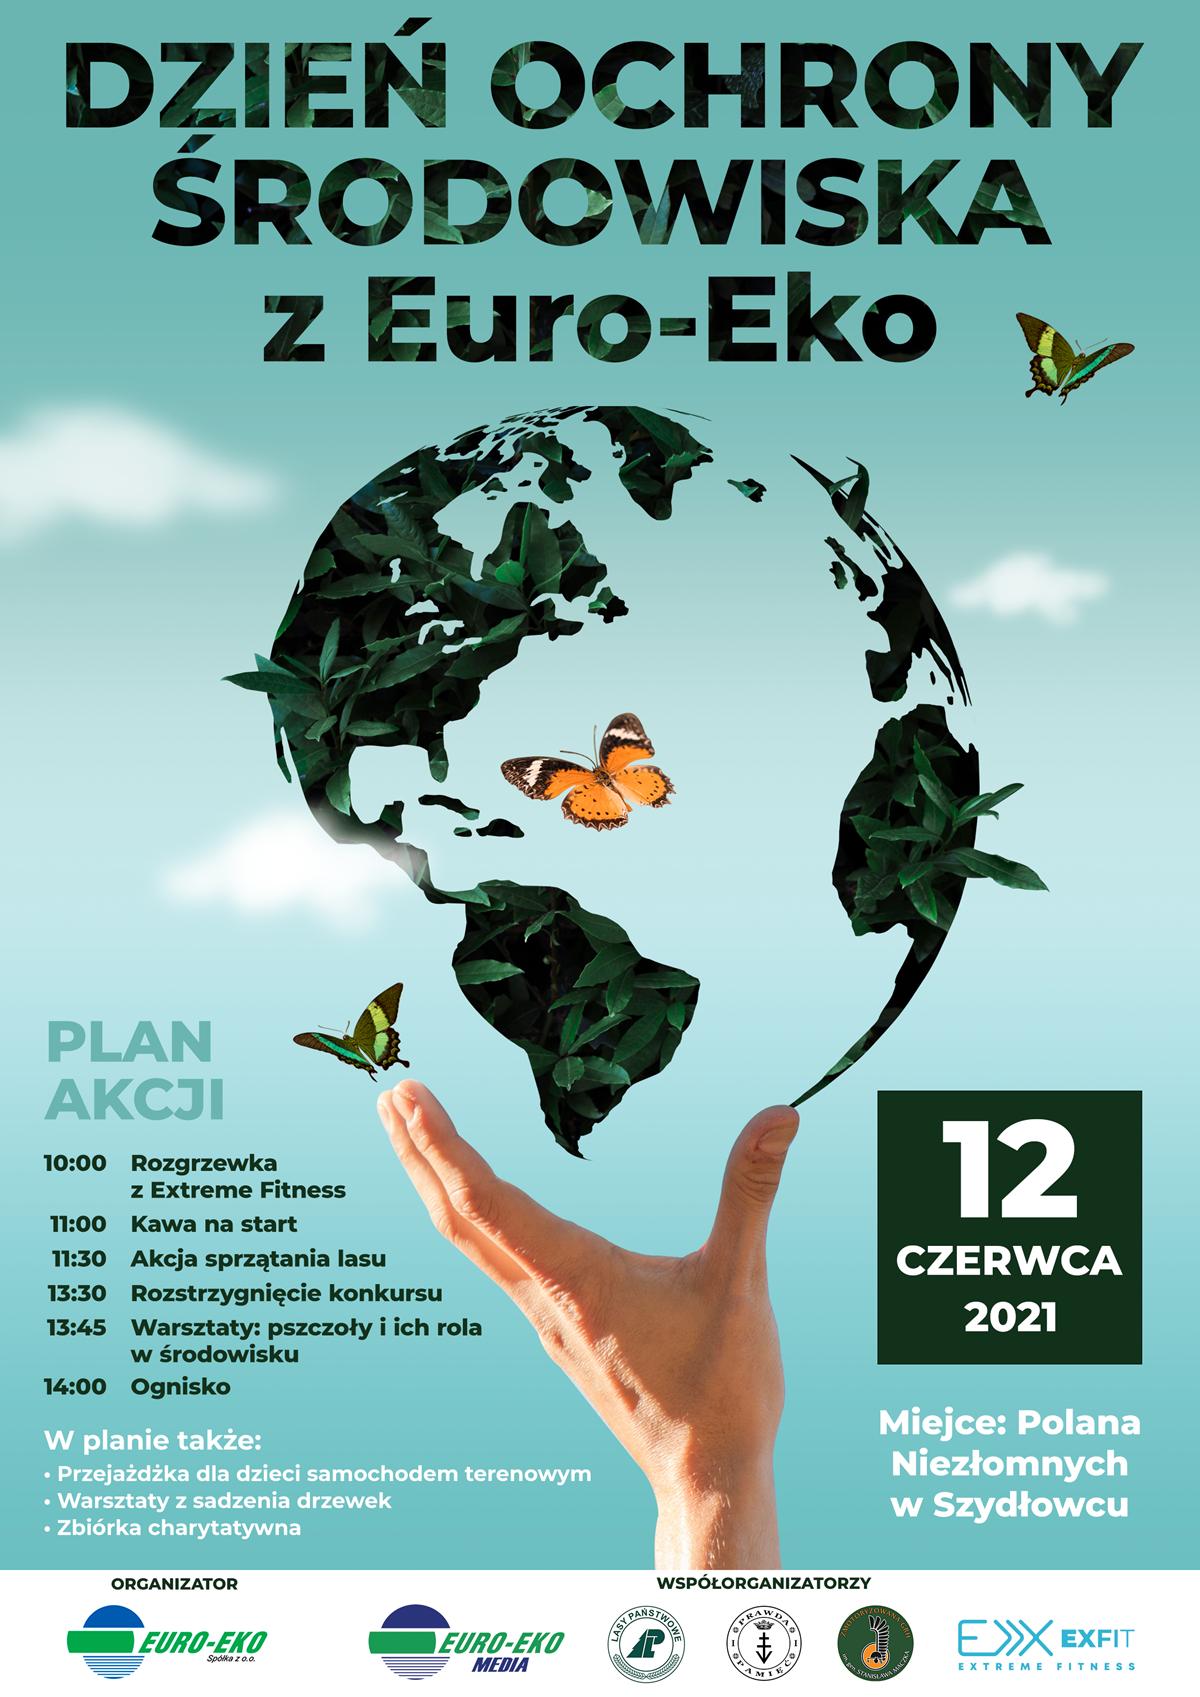 Dzień Ochrony Środowiska z Euro-Eko! Wydarzenie już w sobotę - Zdjęcie główne